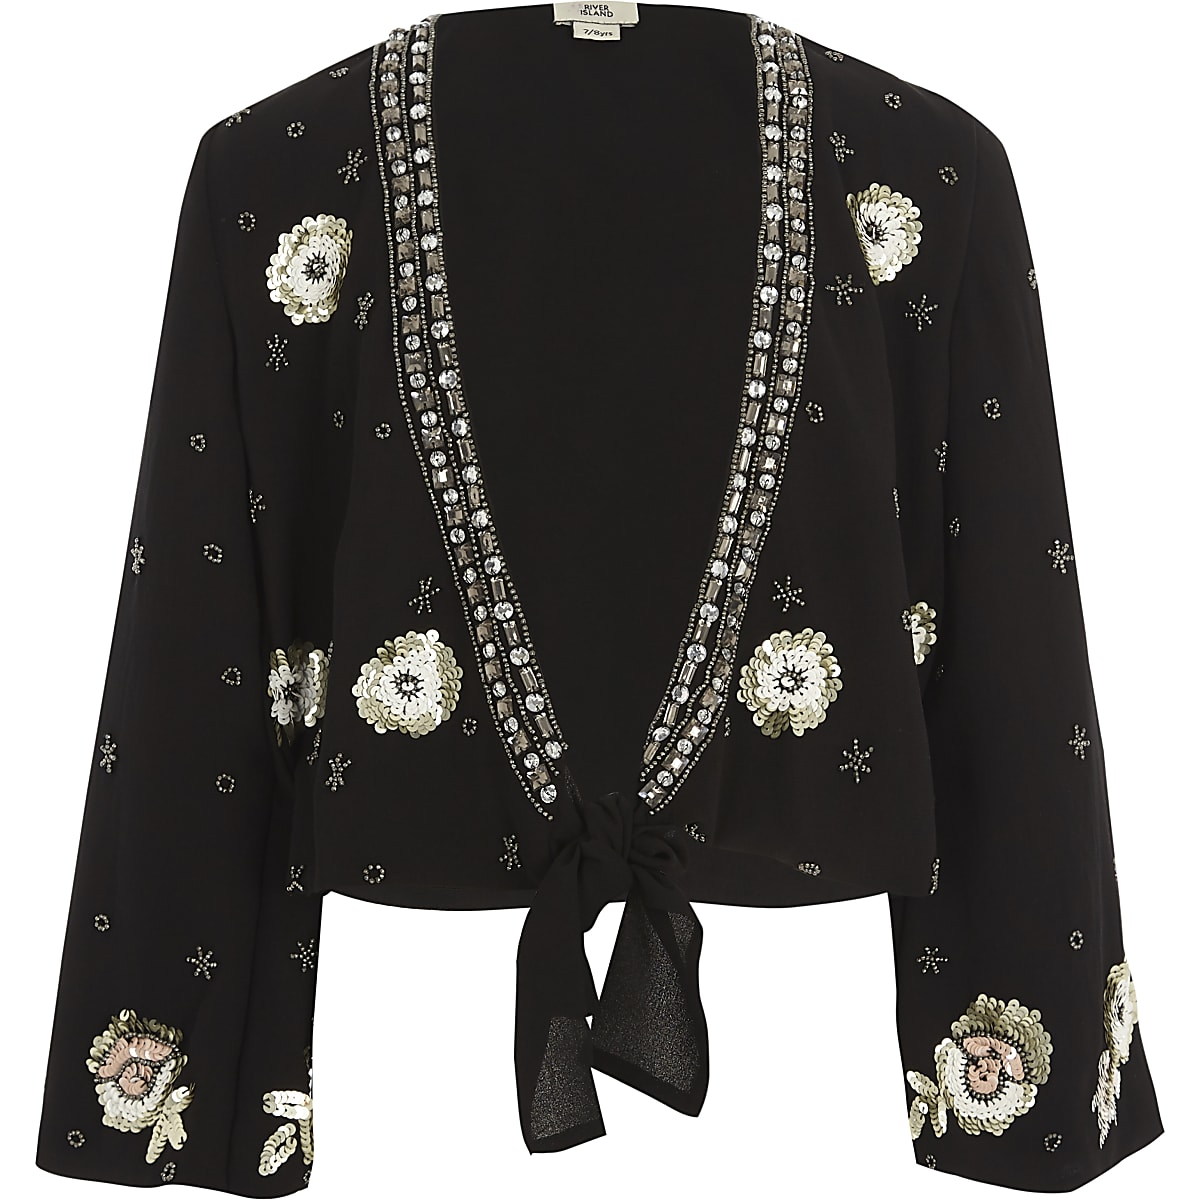 Girls black embellished tie front cover up